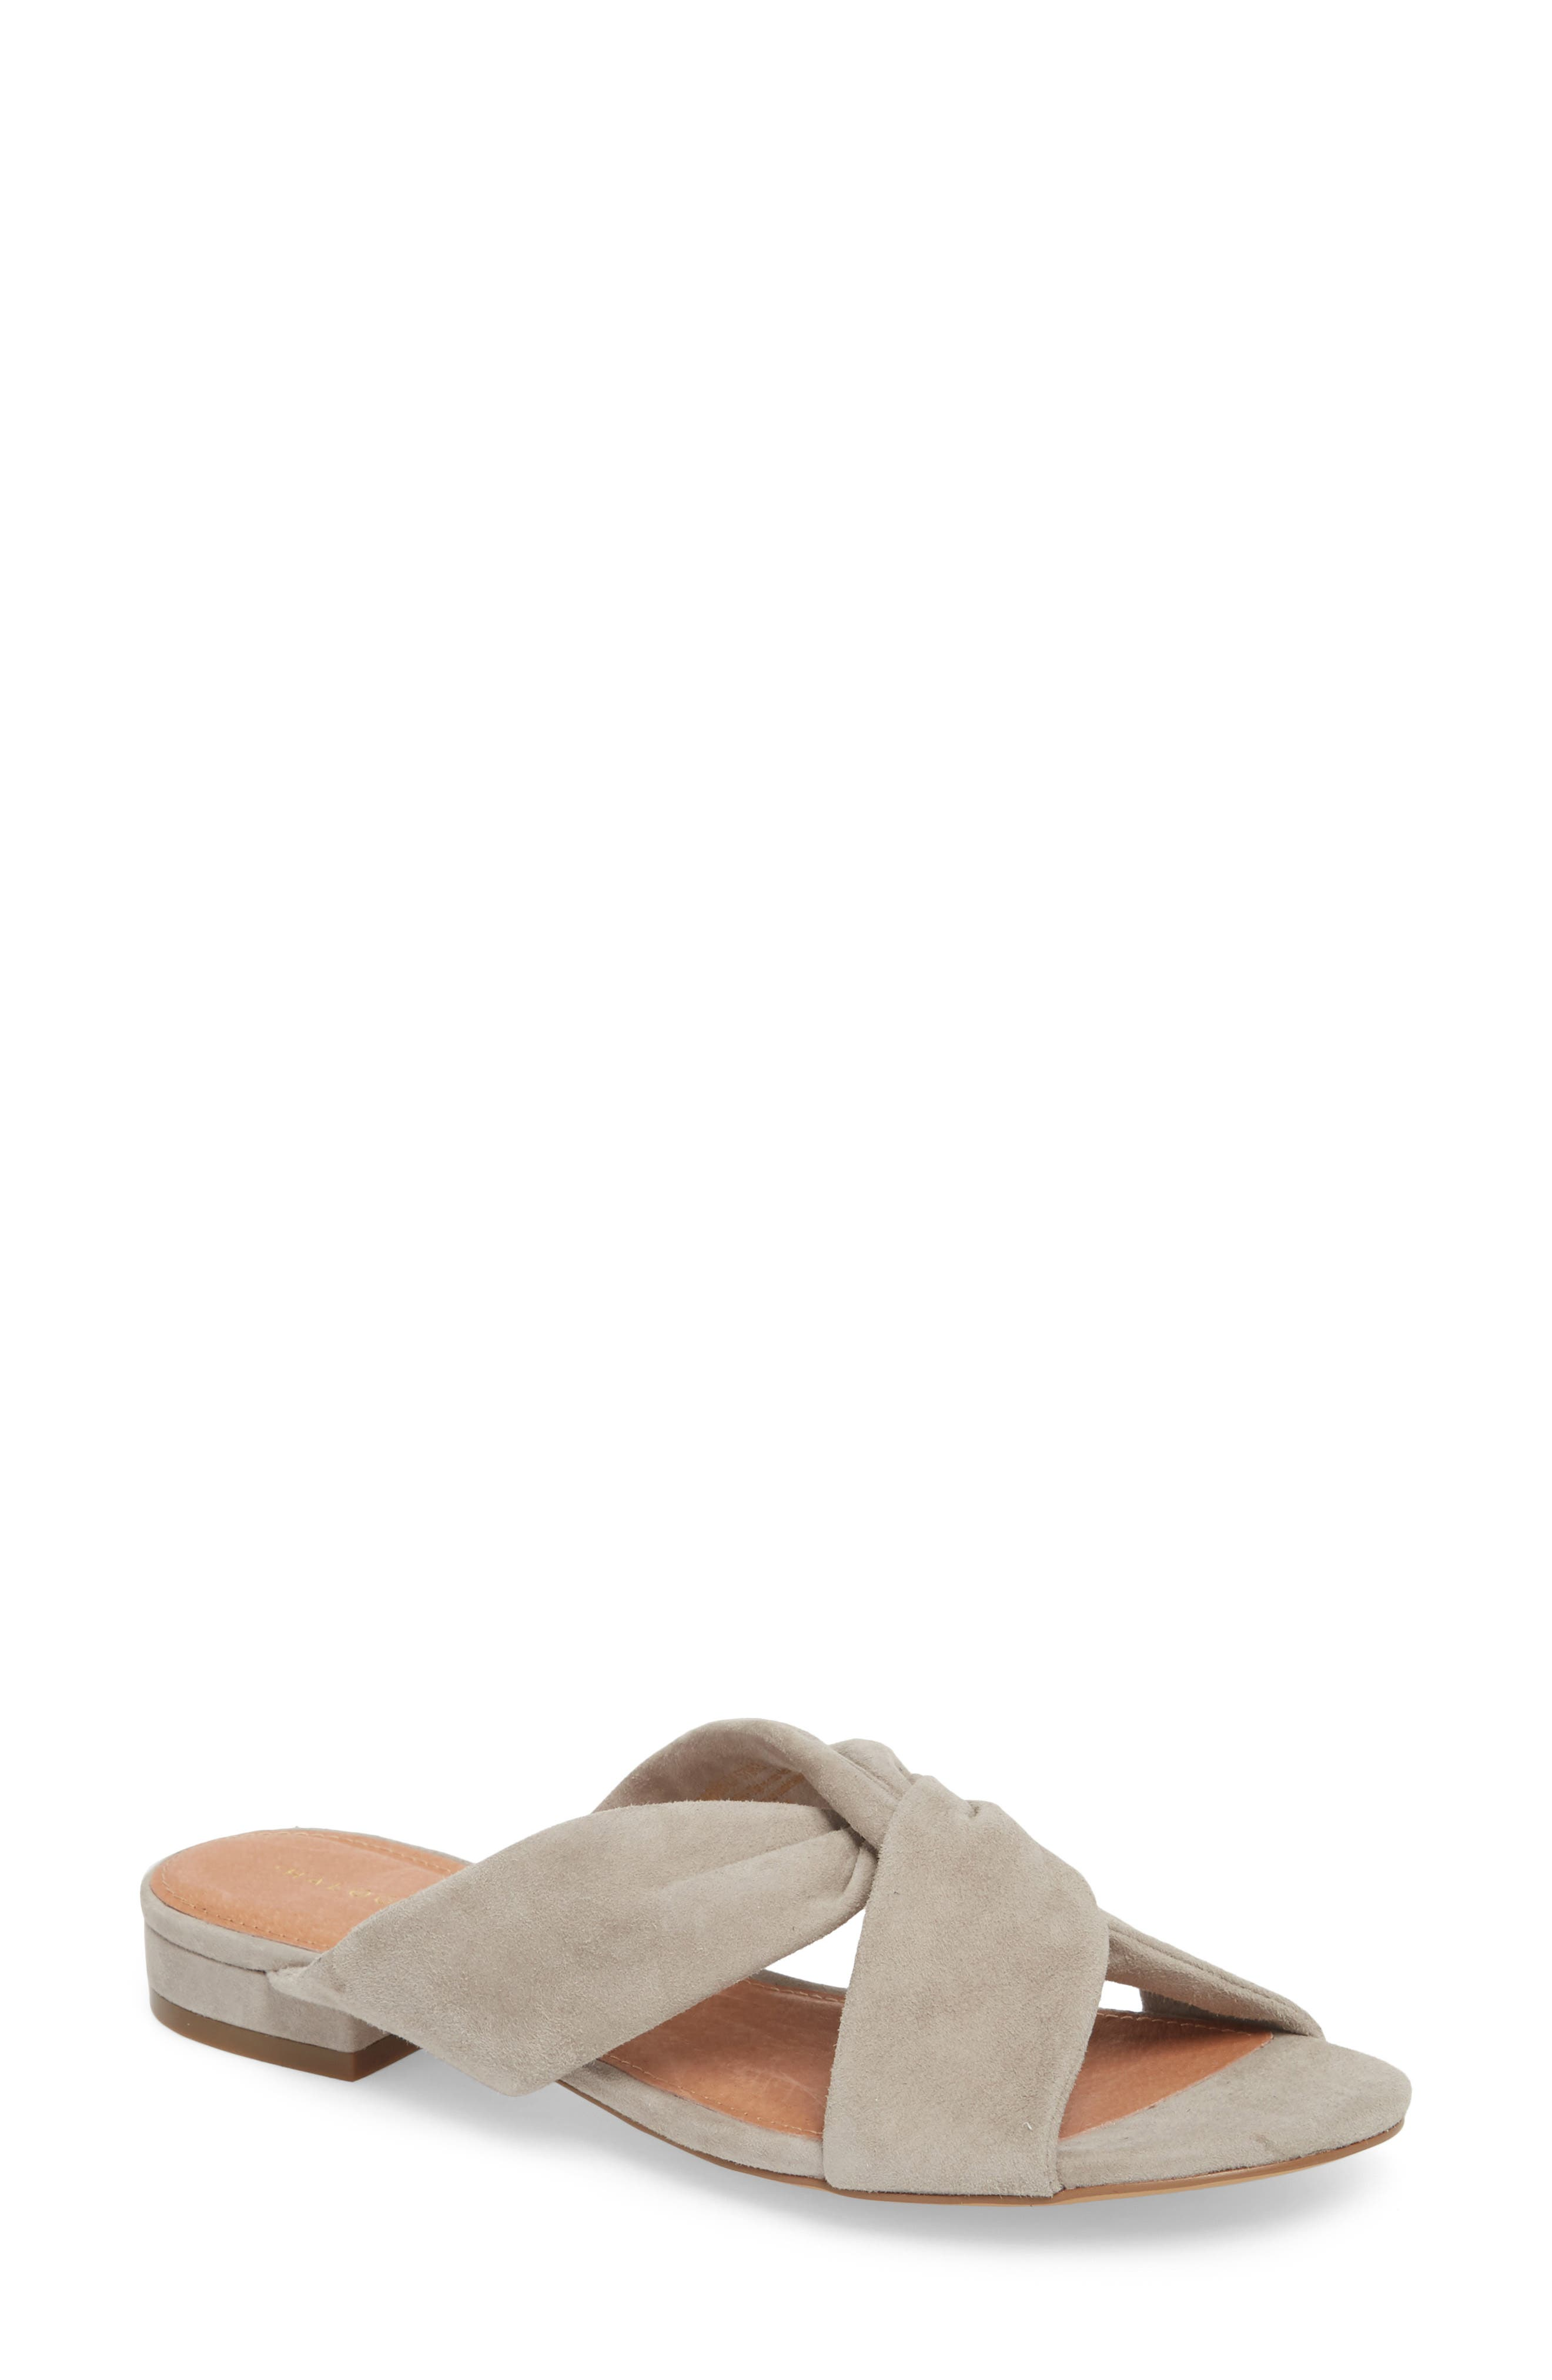 Andre Slide Sandal,                         Main,                         color, Grey Suede